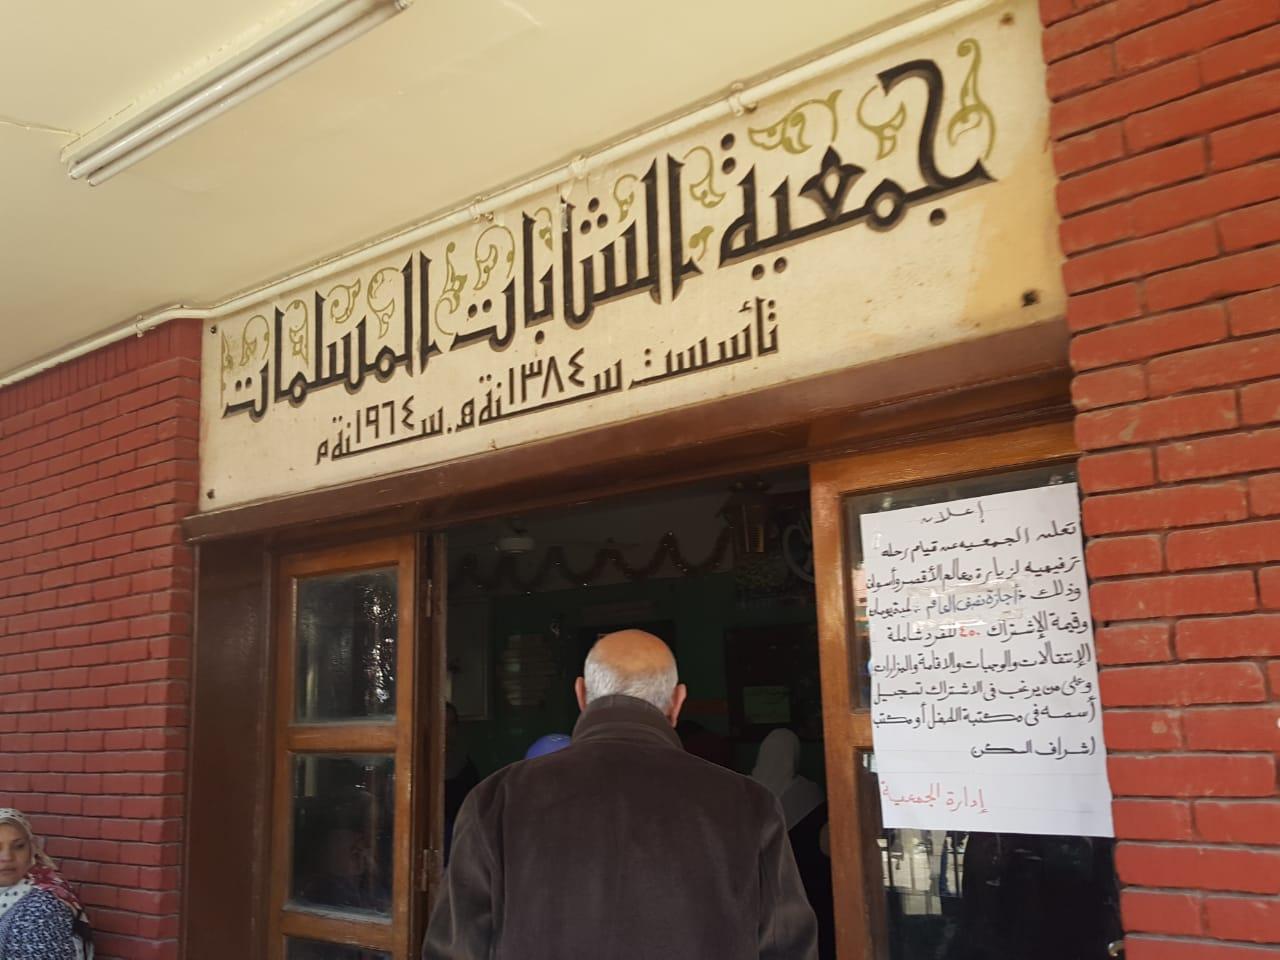 حريق حضانة الشابات المسلمات بأسيوط (11)